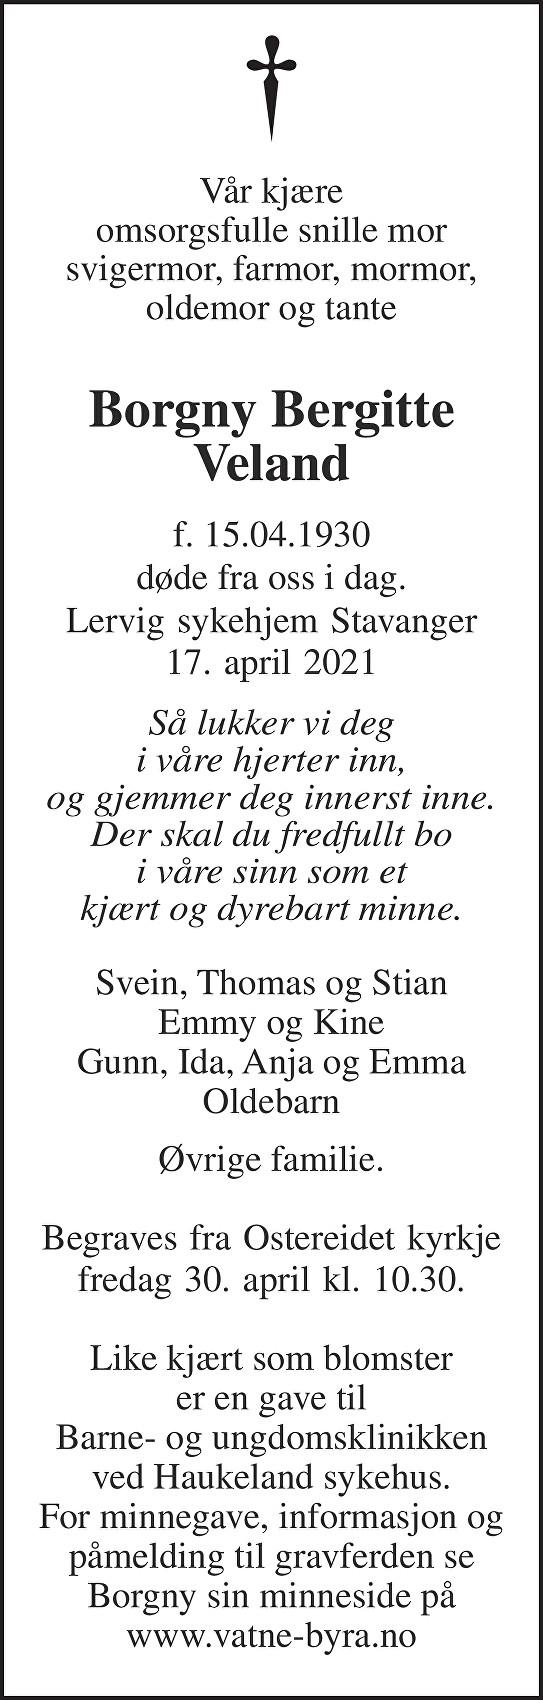 Borgny Bergitte Veland Dødsannonse